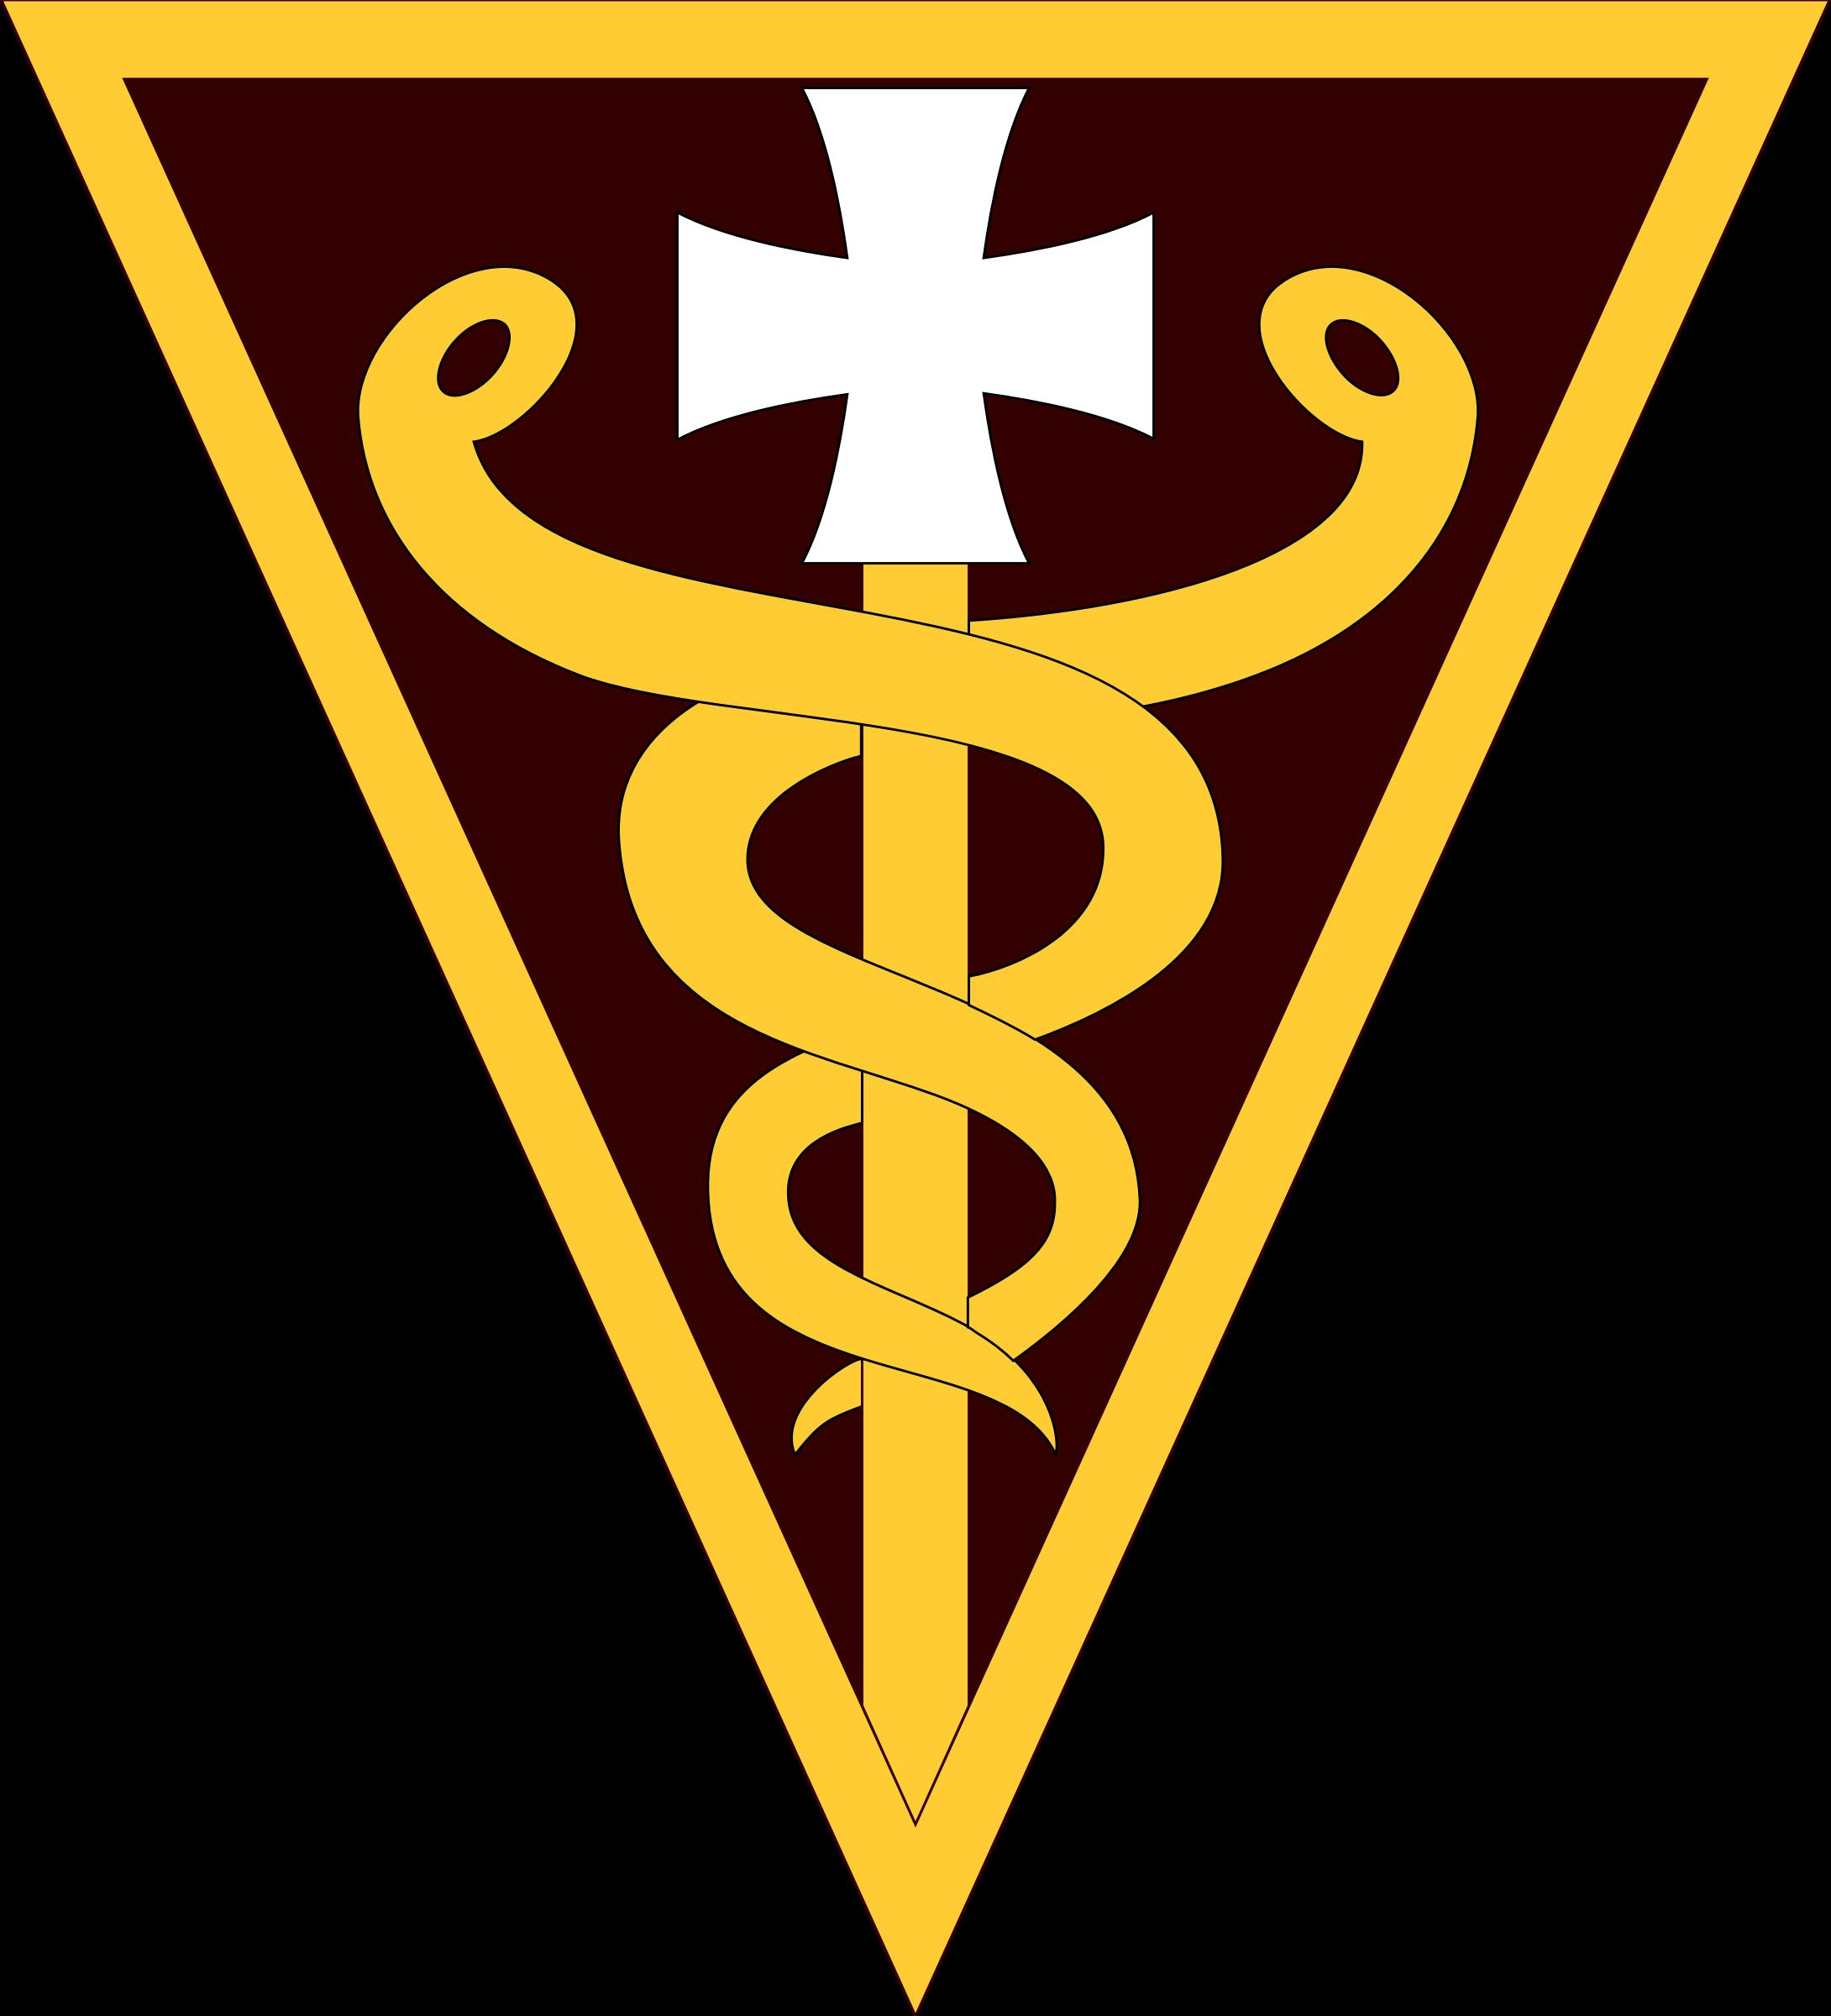 Rd command shoulder sleeve. Medical clipart emblem